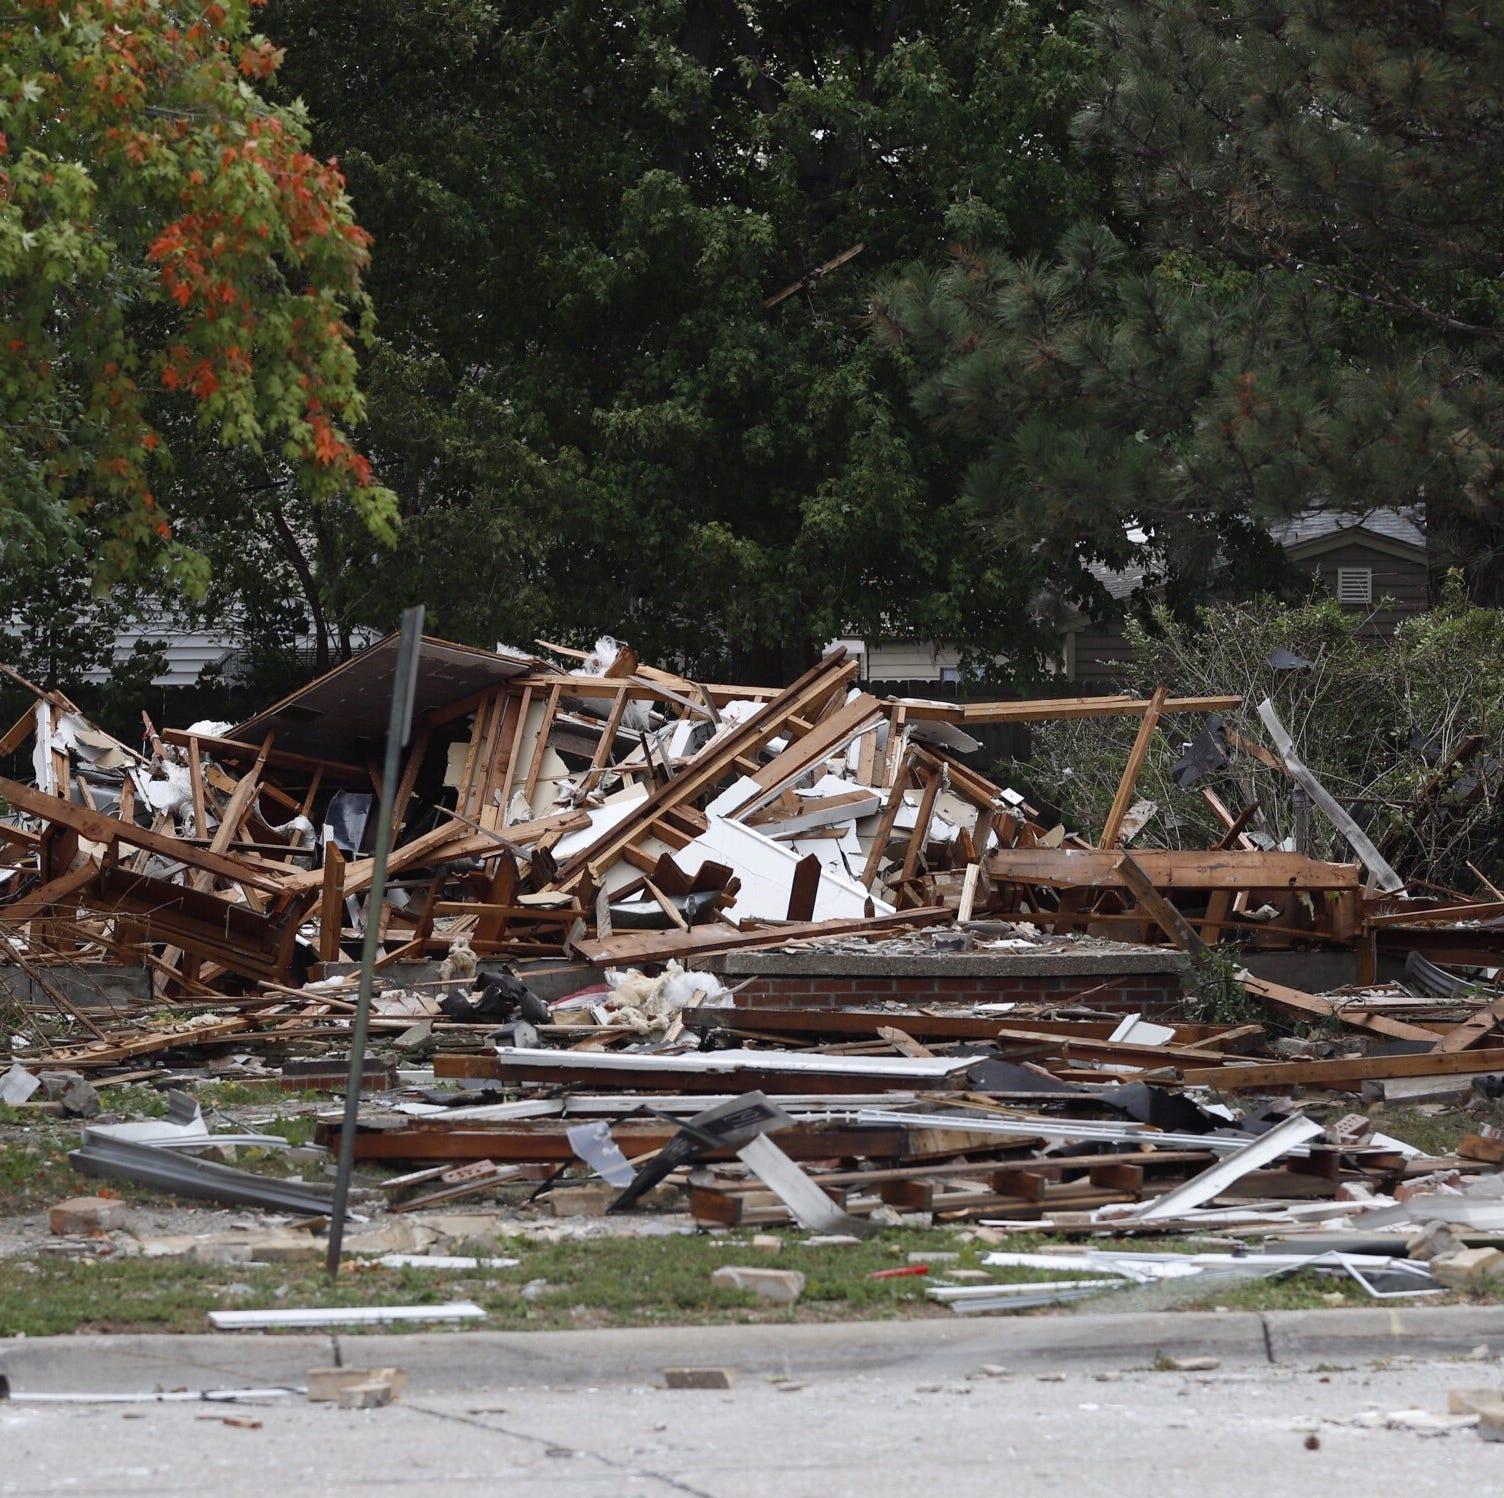 Explosion destroys Harper Woods home, injures 3; gas leak suspected